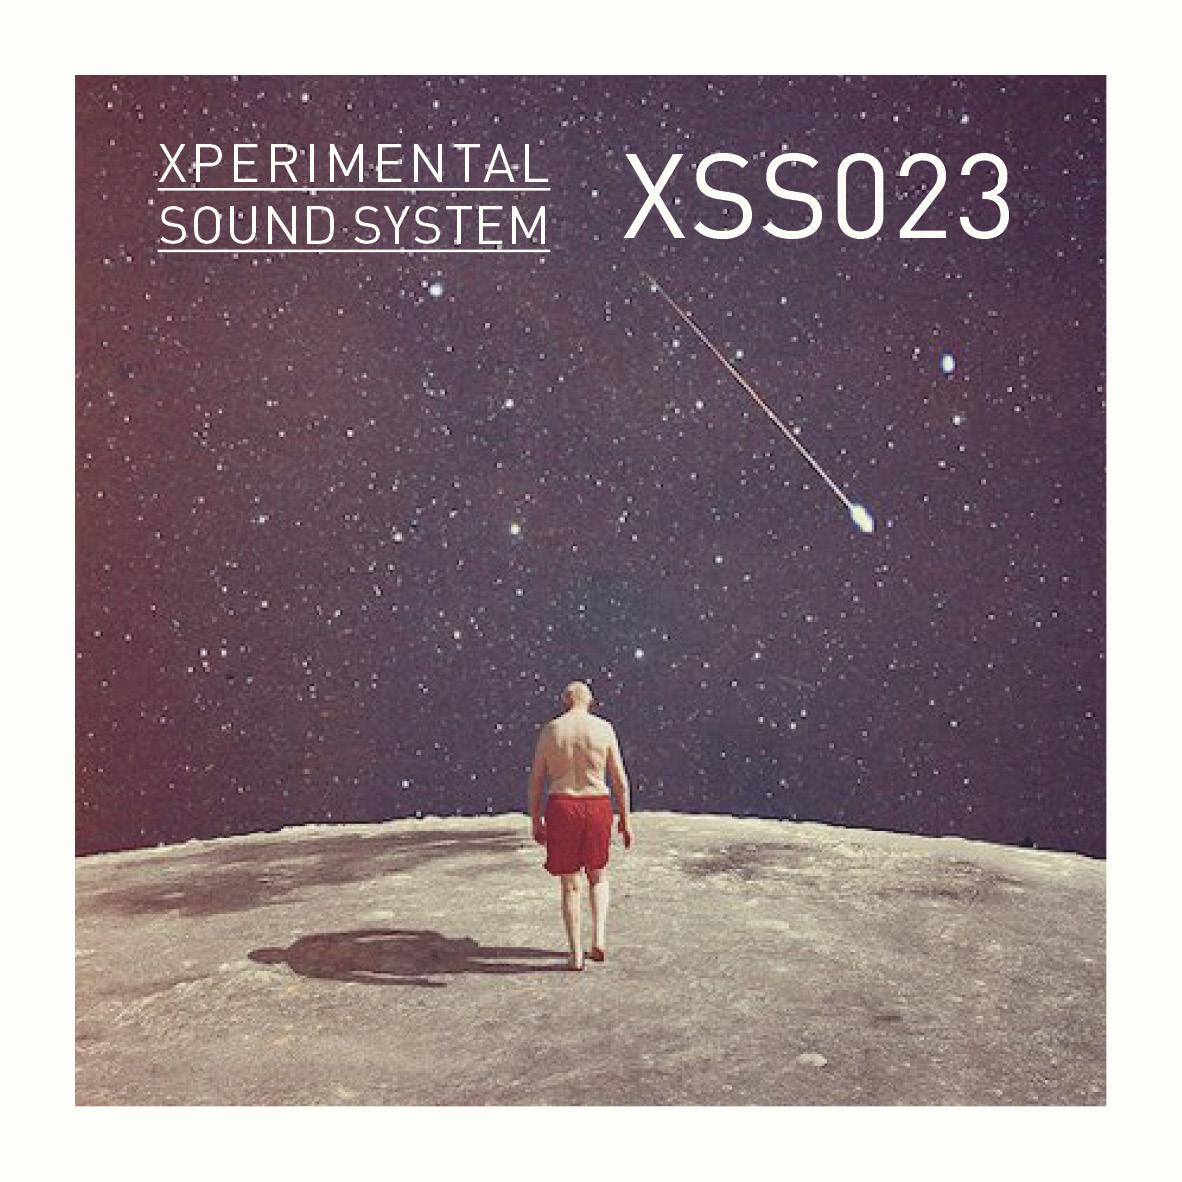 XSS023